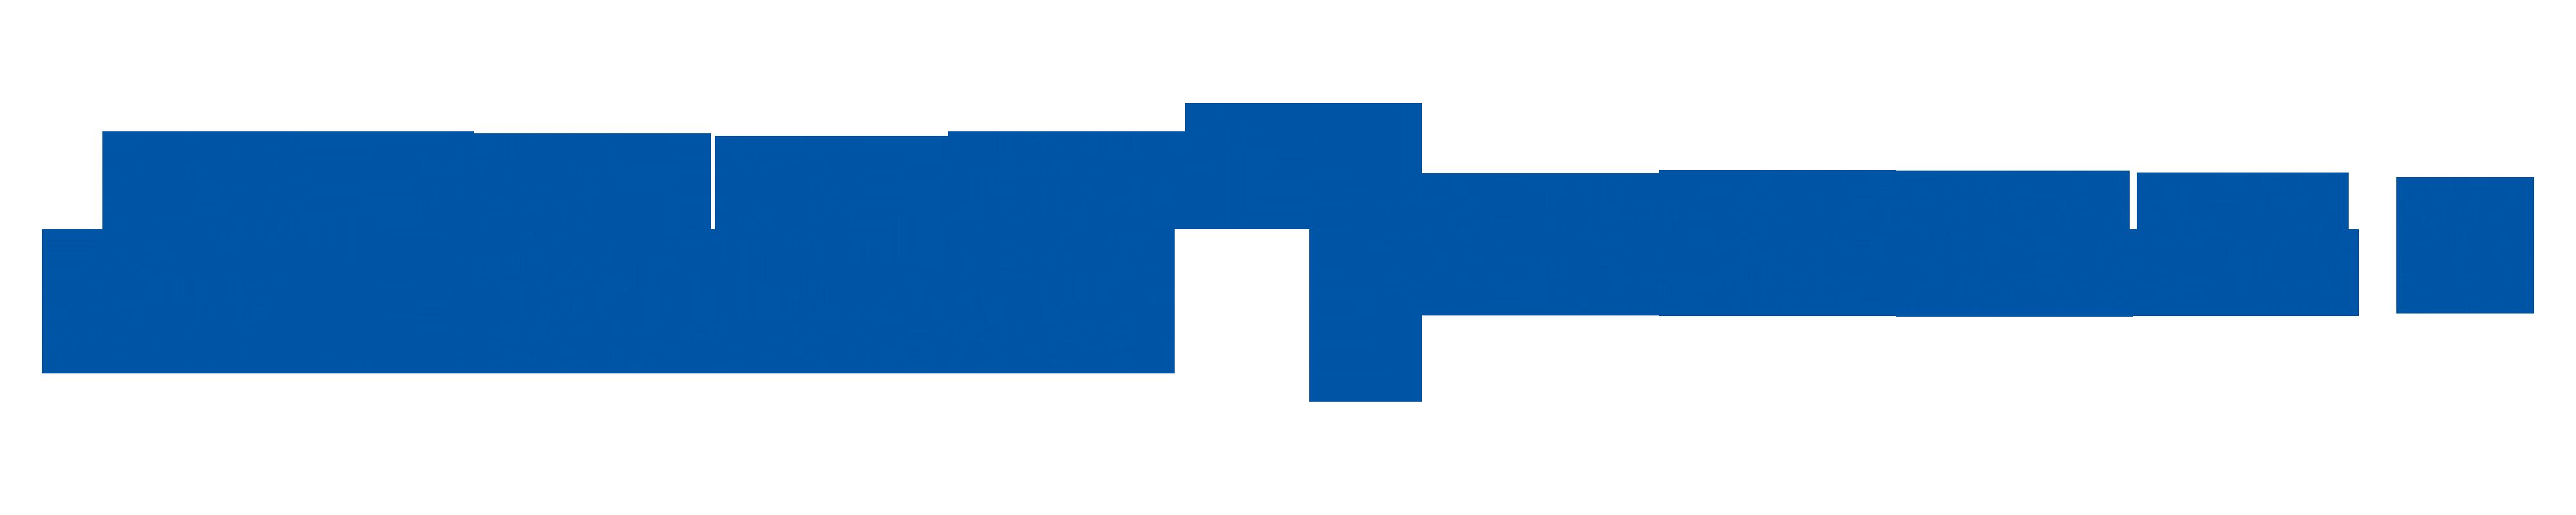 金莎棋牌官方网站